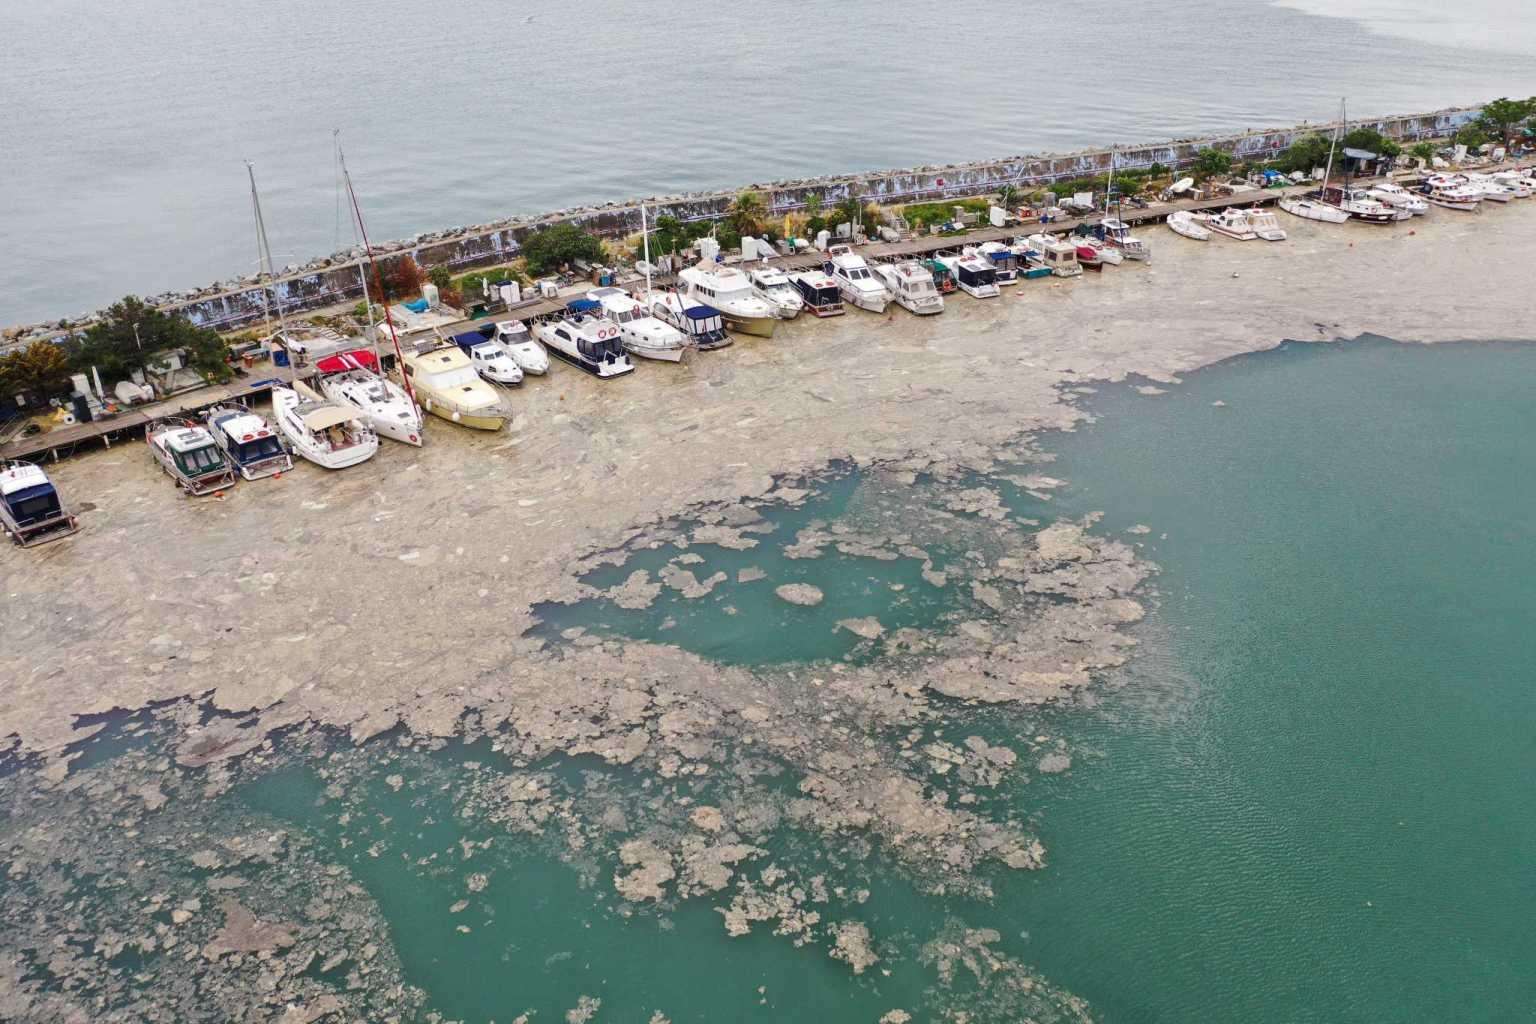 Θάλασσα Μαρμαρά: Εμφανίστηκε και πάλι η τοξική βλέννα – Φόβος για μολυσμένα ψάρια